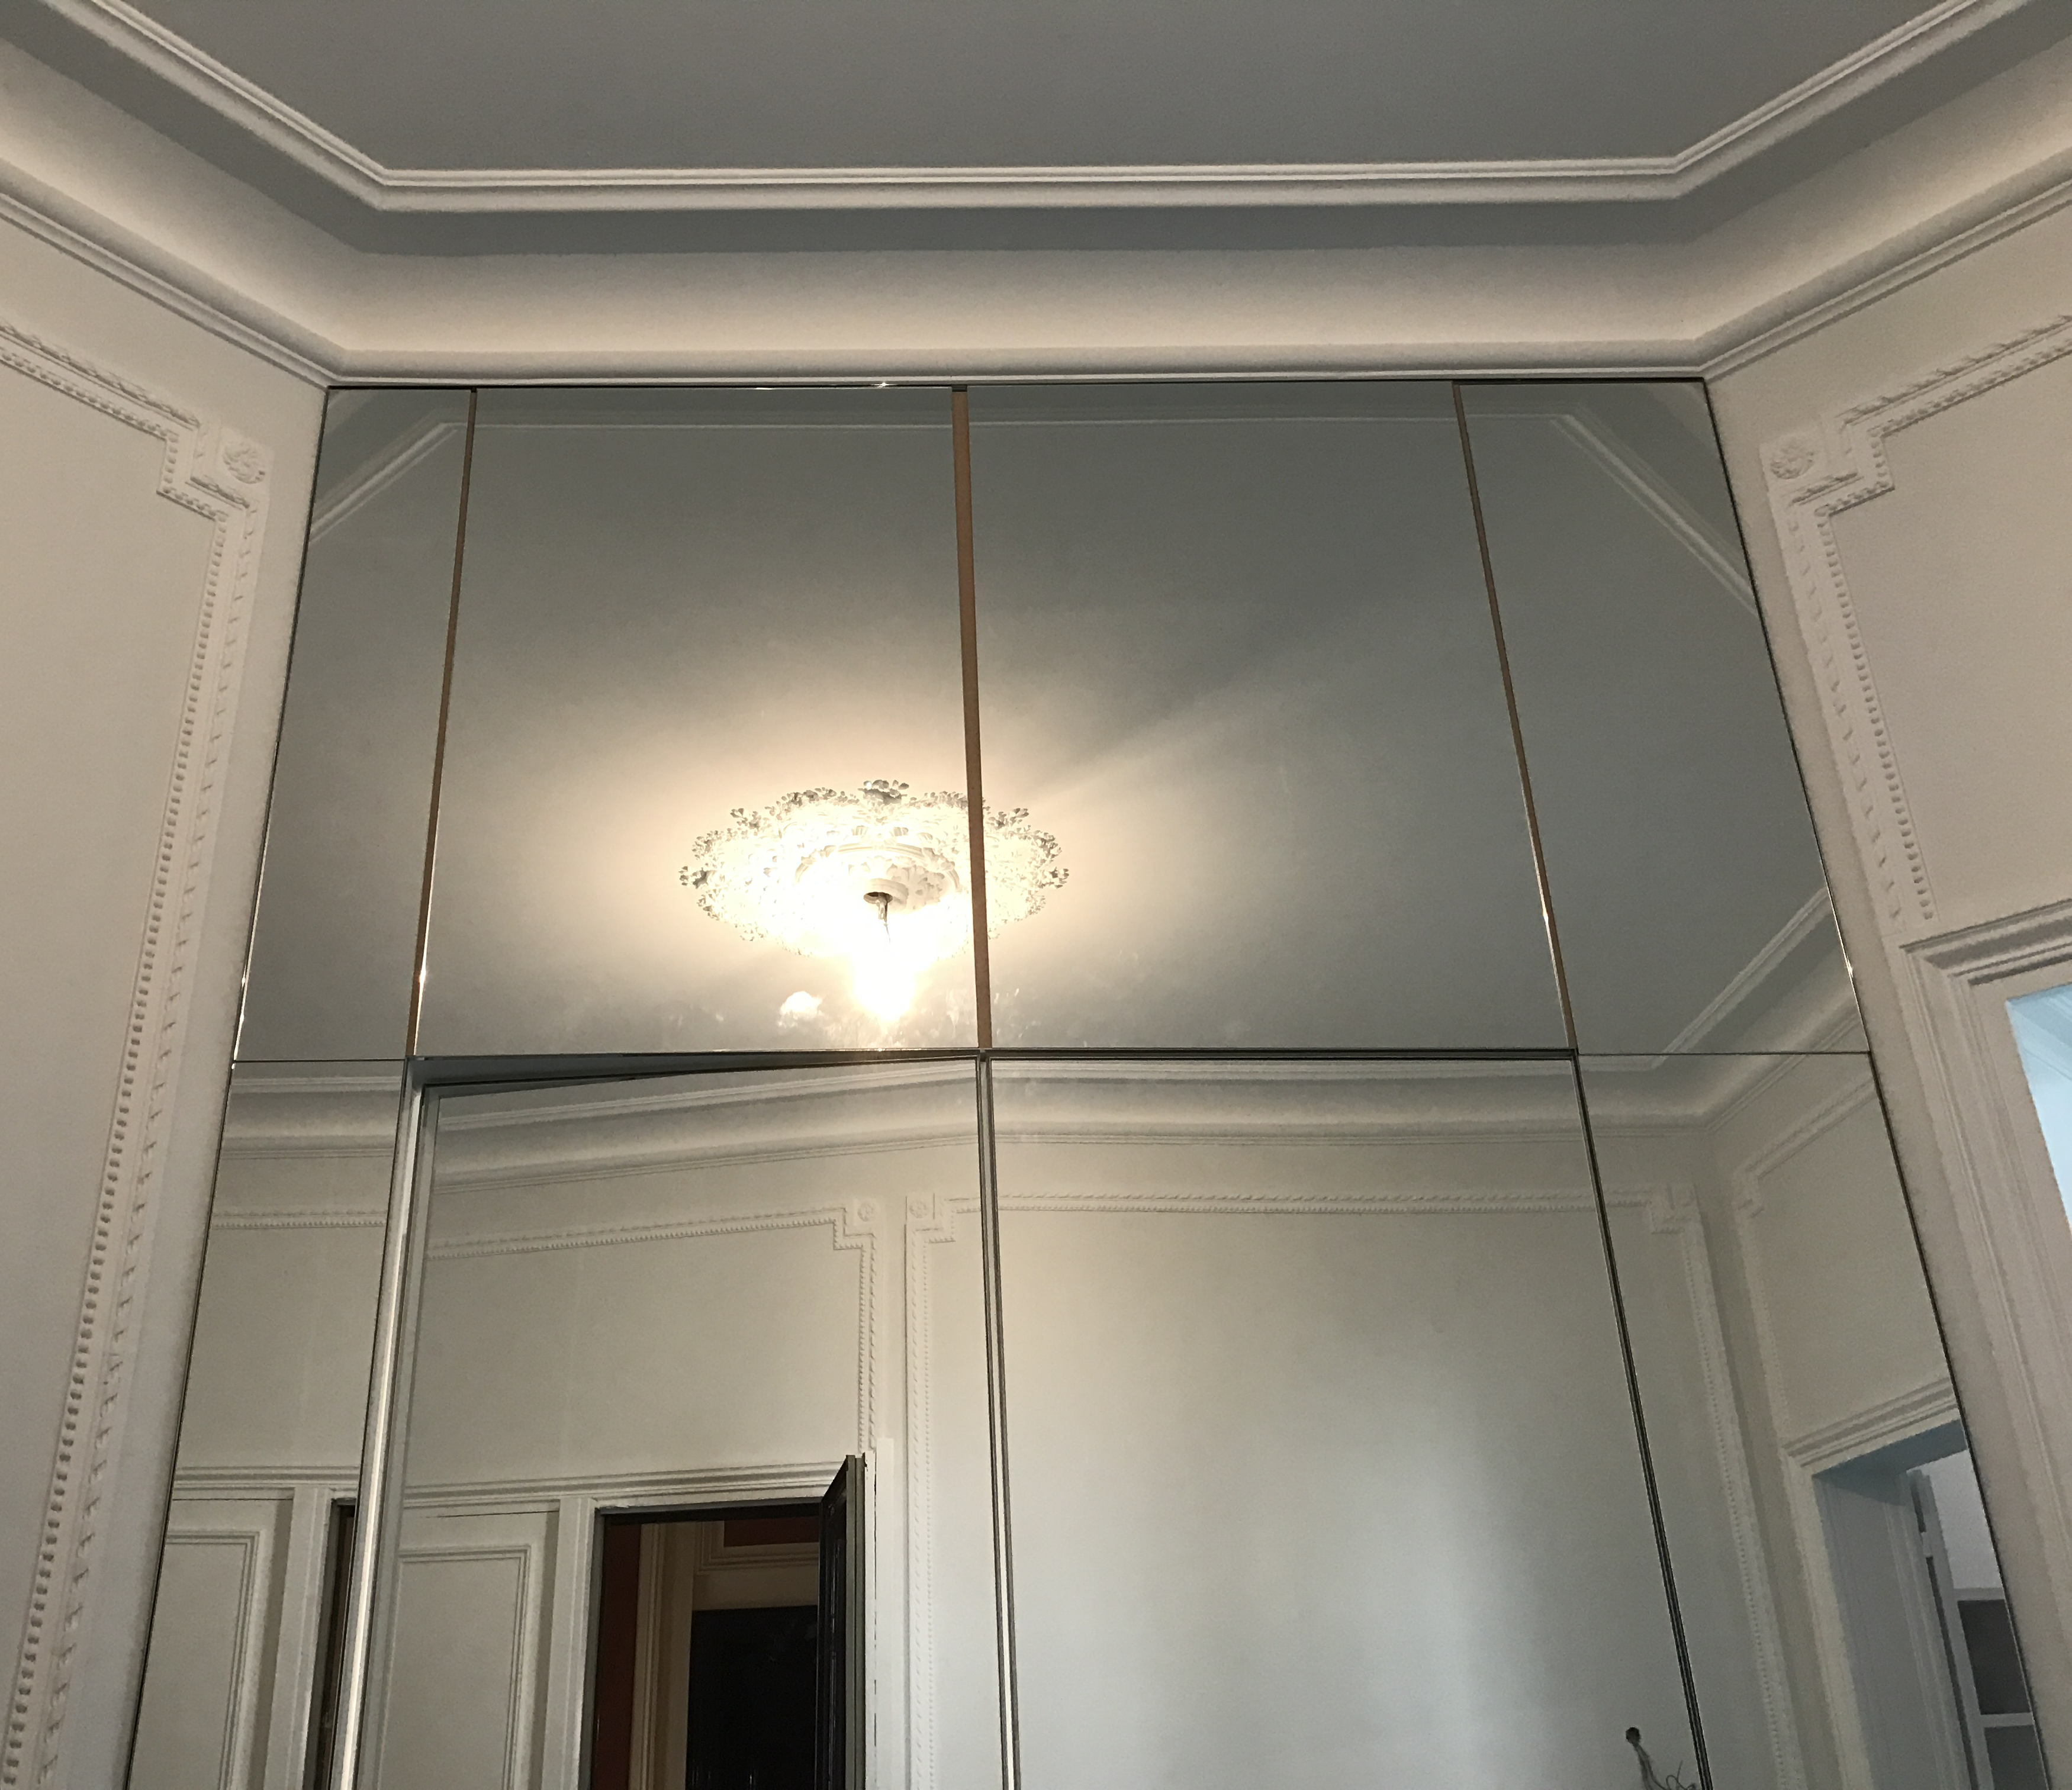 miroir pour salle de sport nouveau miroir dans votre salle de bains miroir ikea avec un. Black Bedroom Furniture Sets. Home Design Ideas